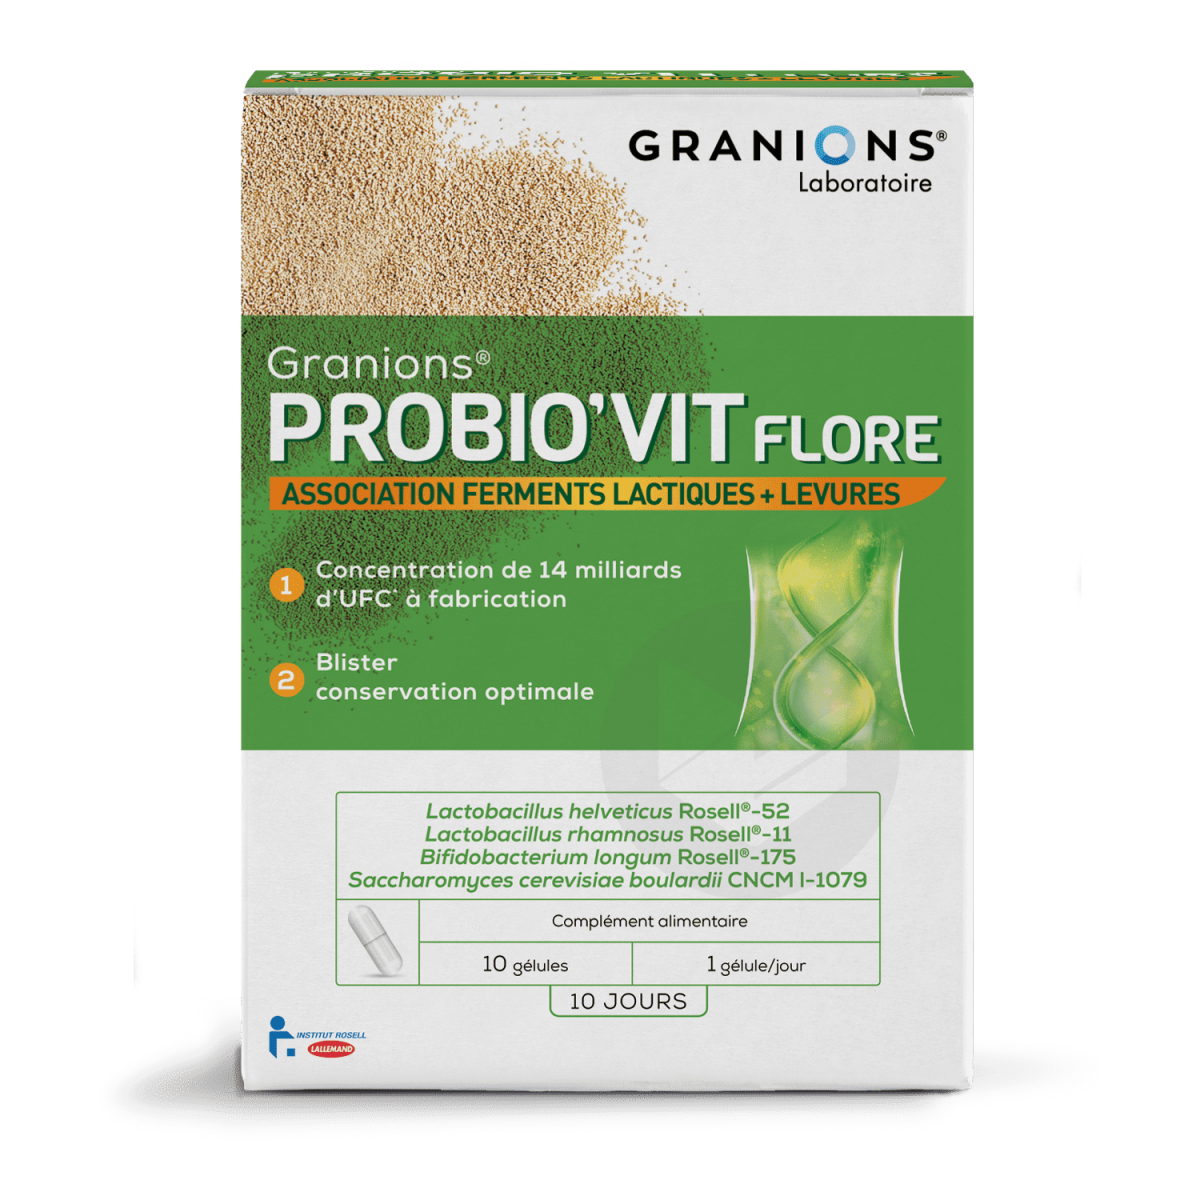 Granions Probio'Vit Flore 10 gélules